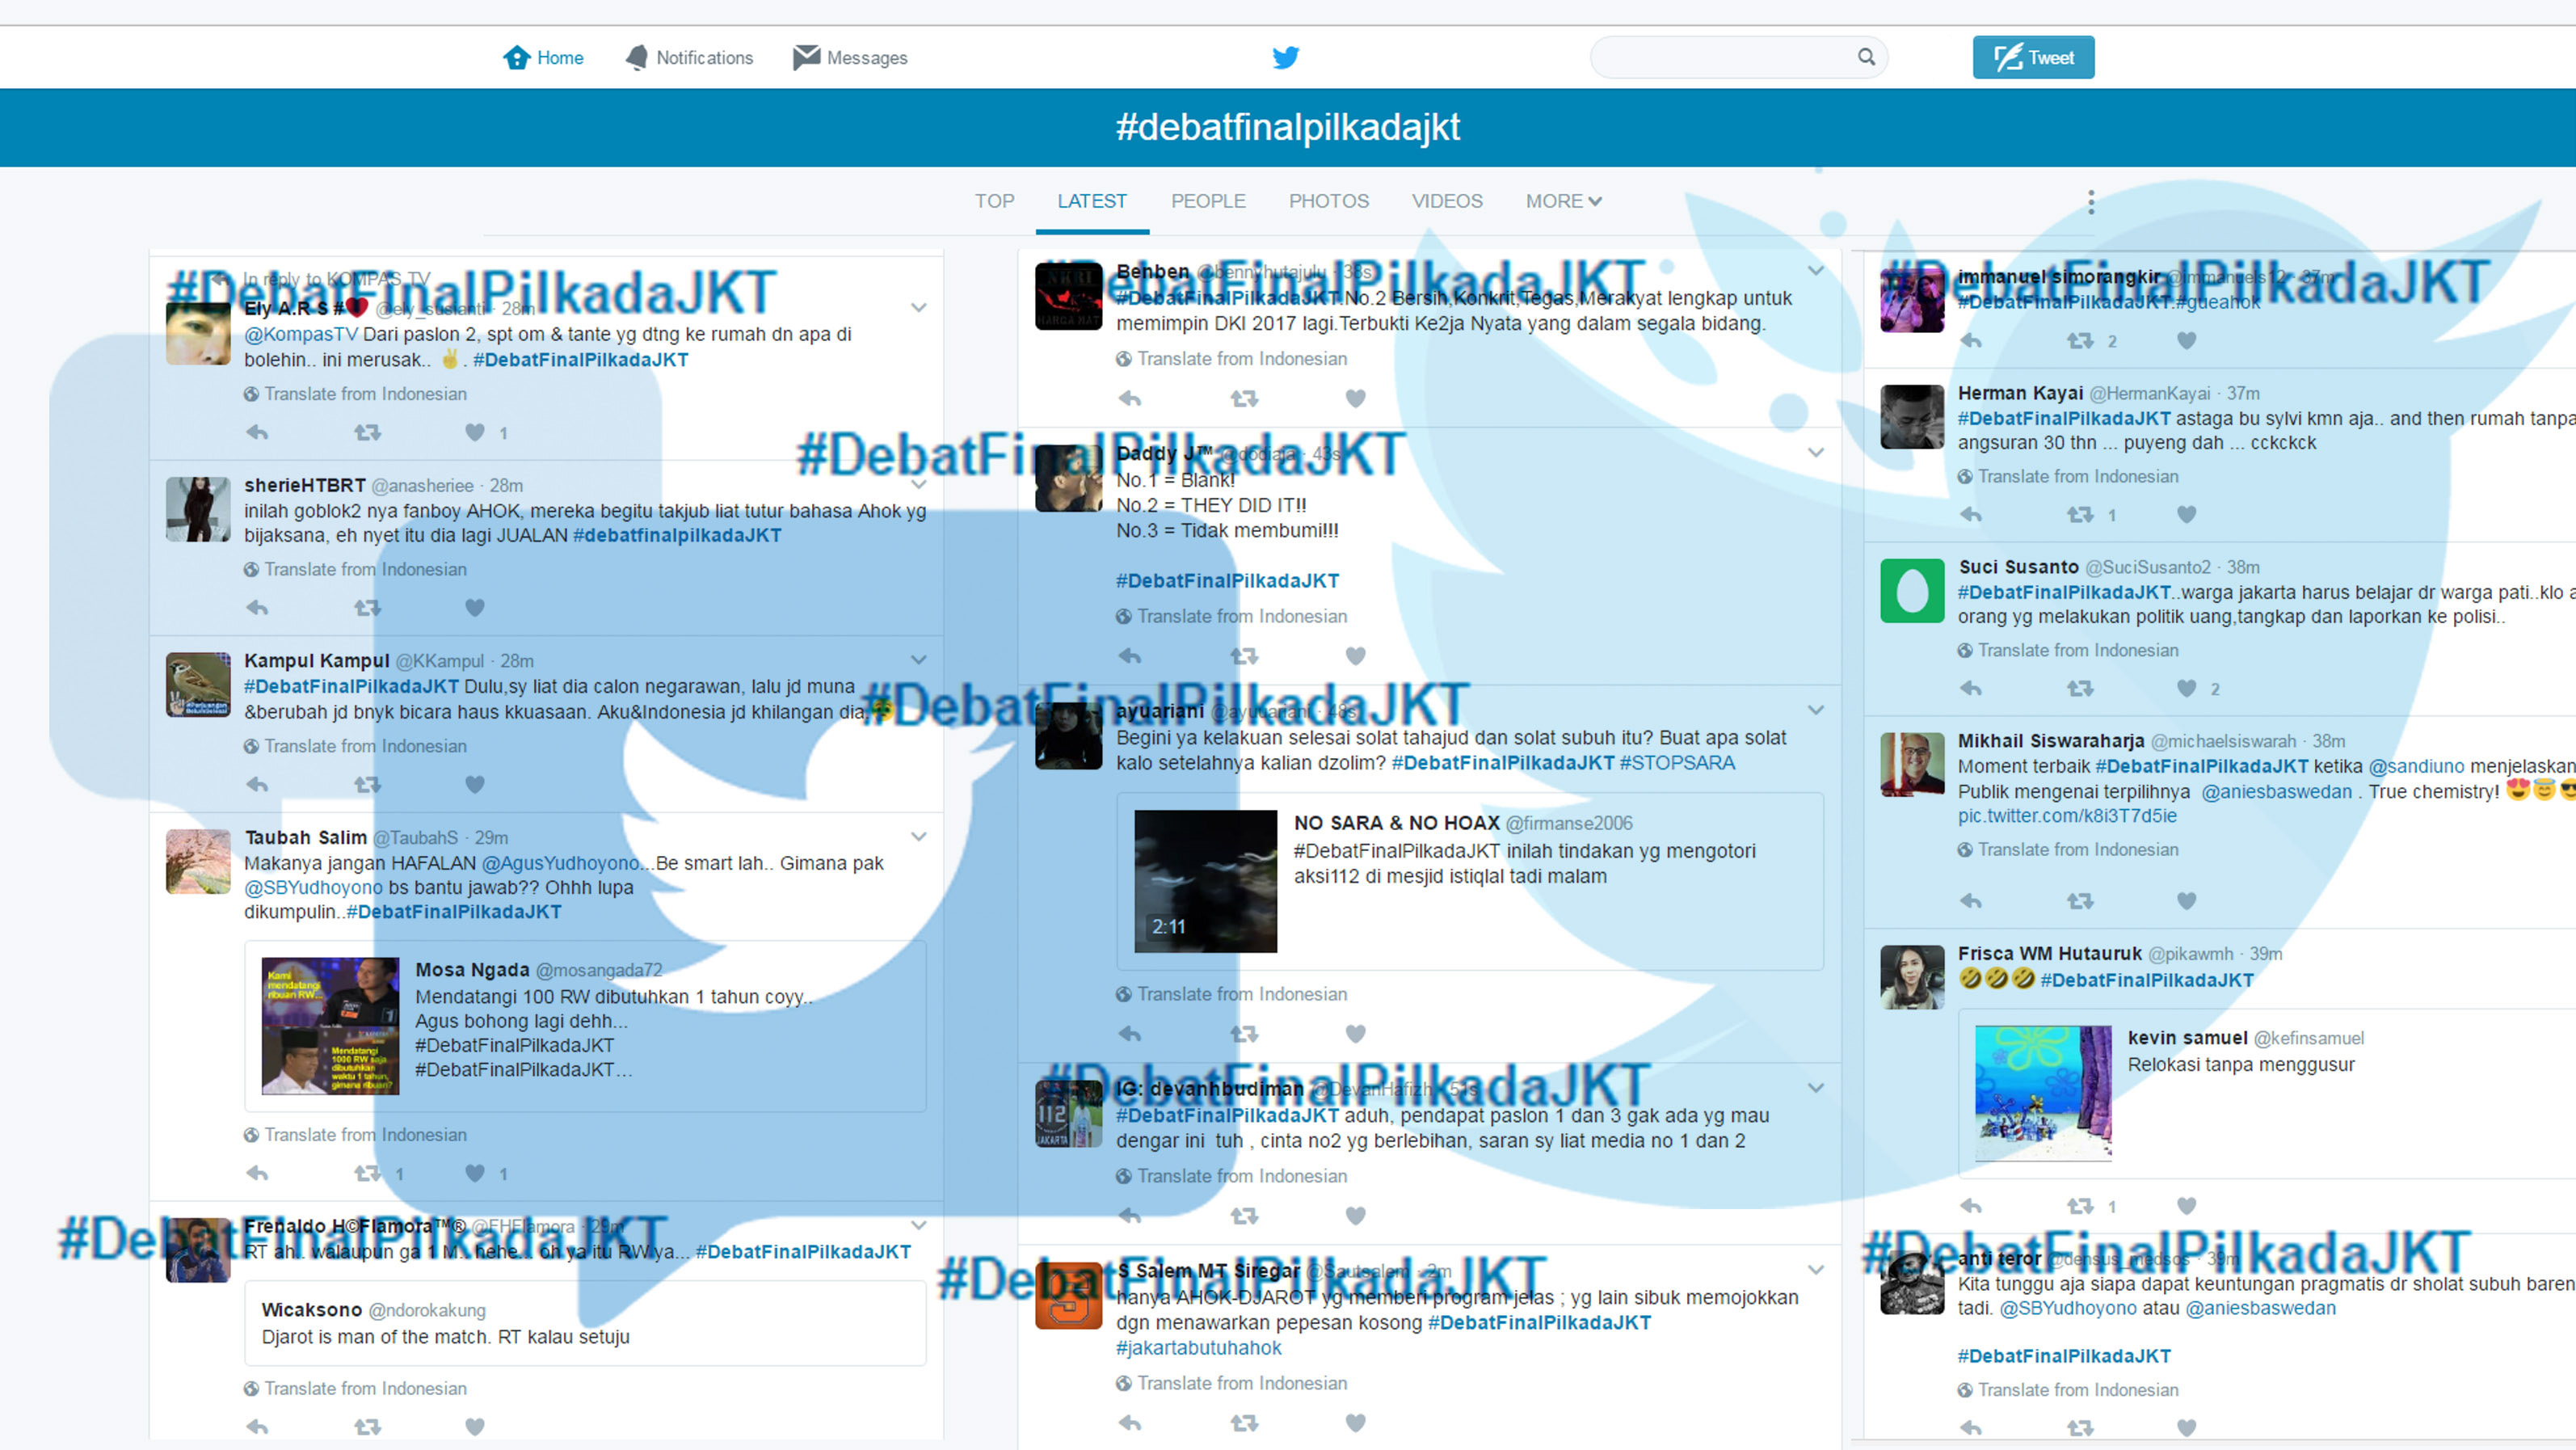 Riuh Rendah Debat Cagub Jakarta Di Twitter Tirto Id